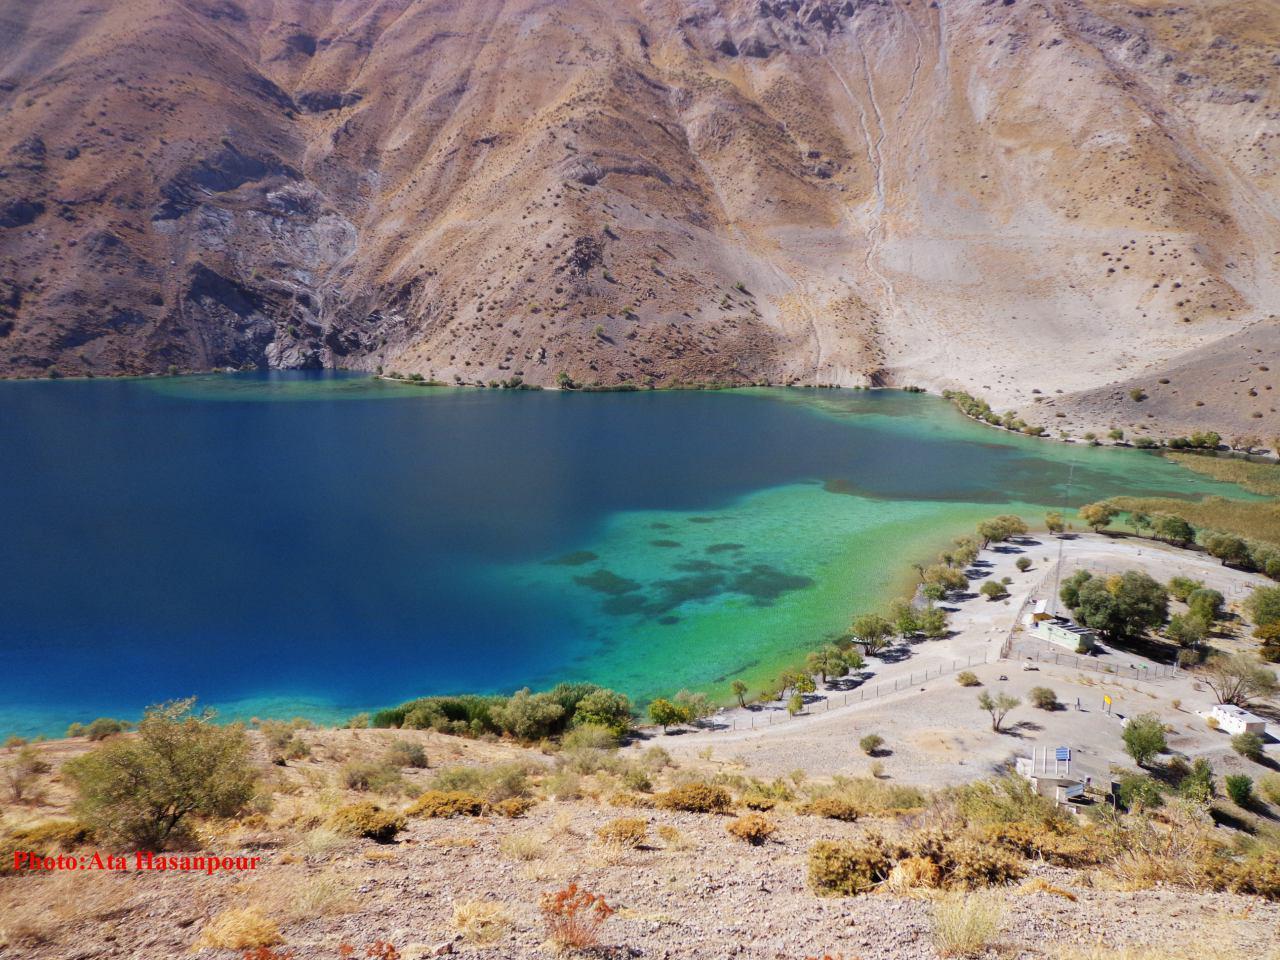 بازدید از تأسیسات گردشگری دریاچه گهر